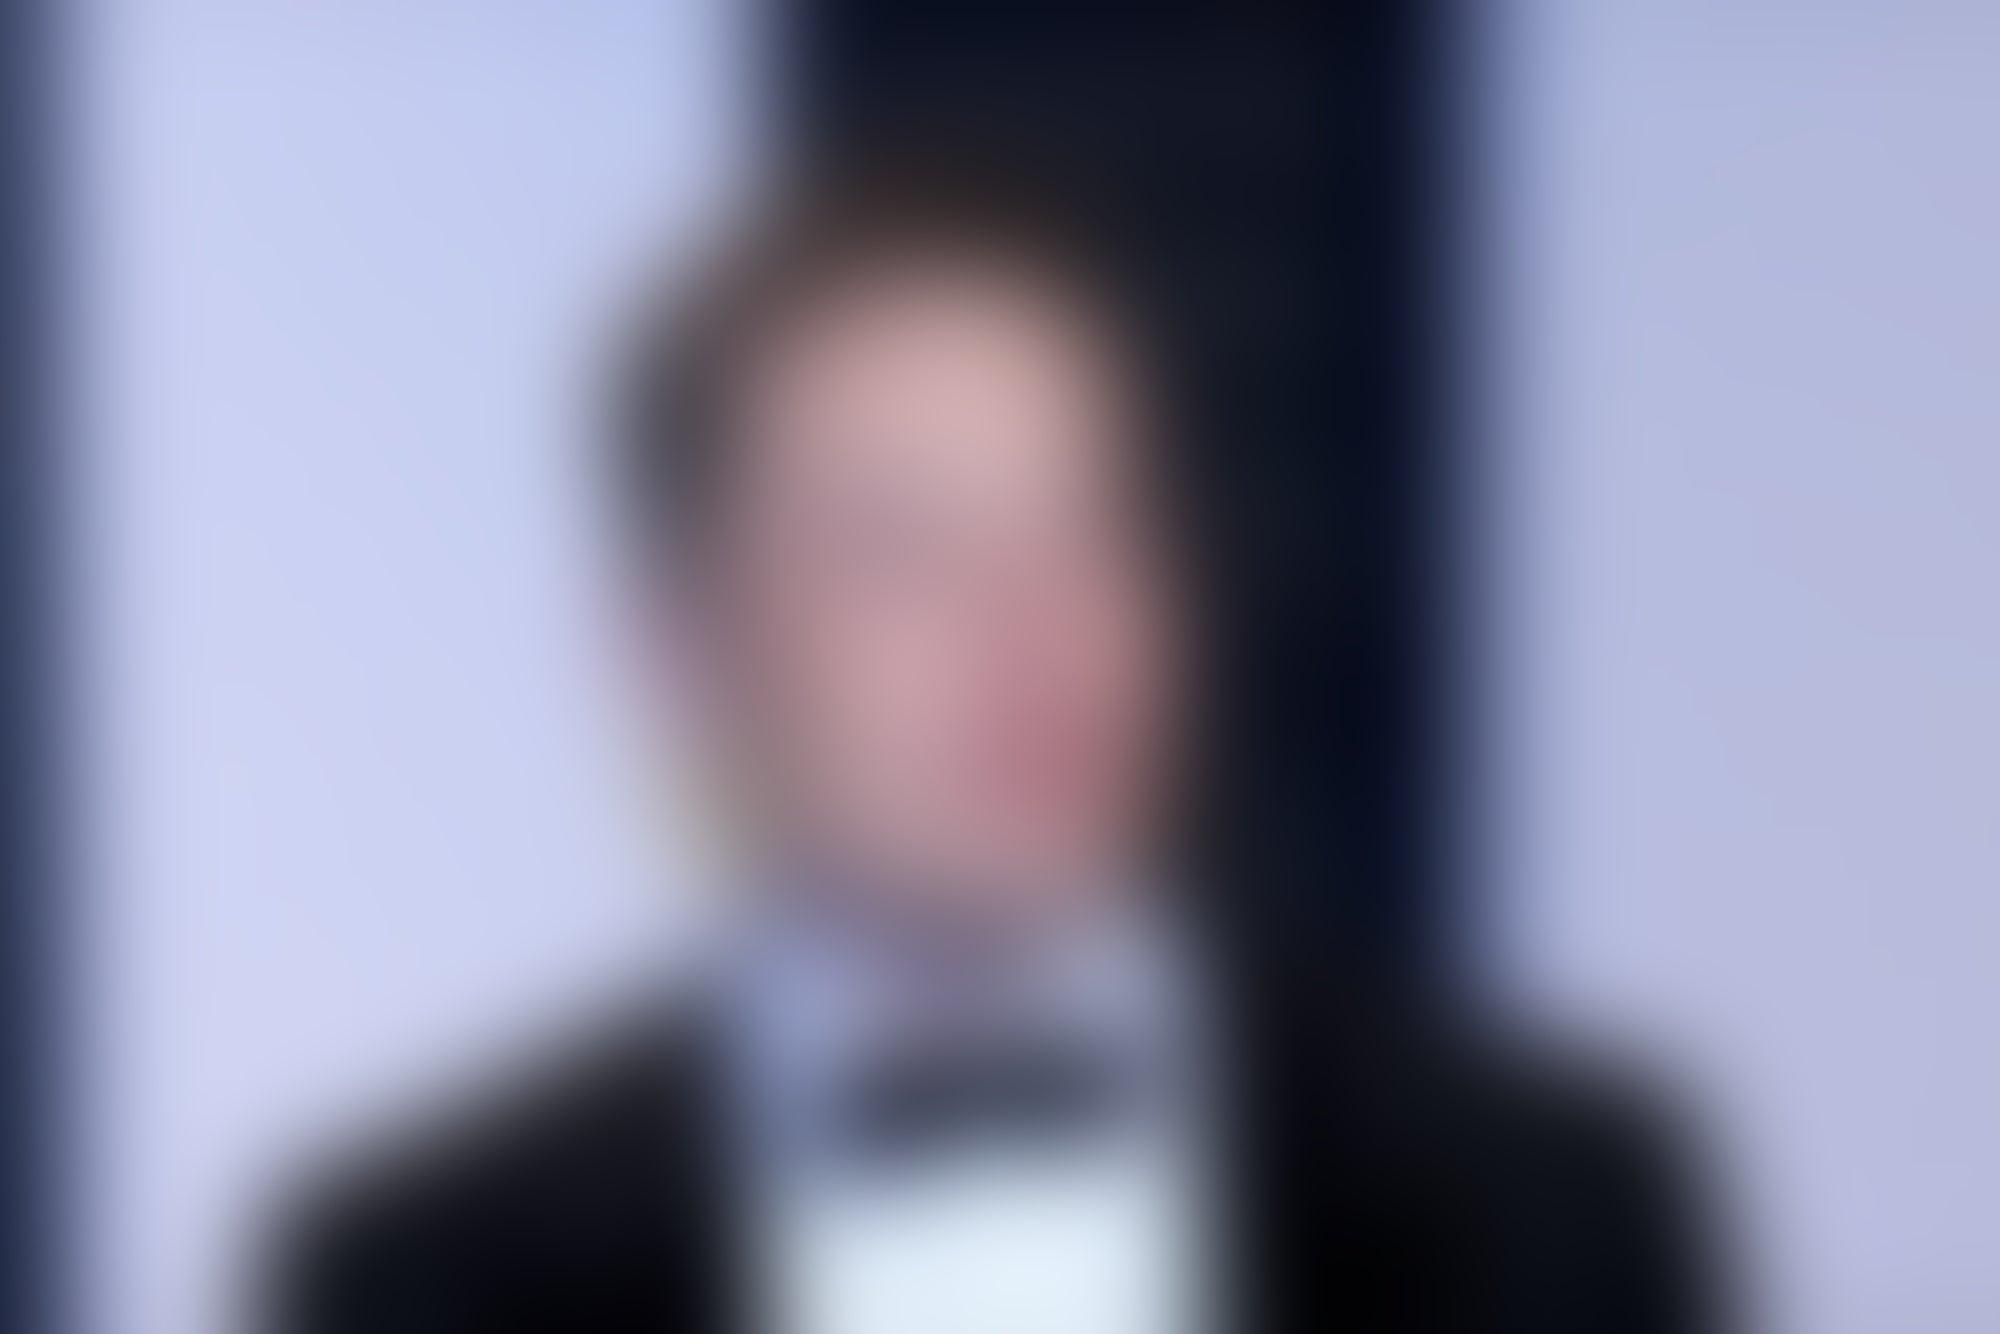 Los 17 días que Elon Musk quisiera olvidar